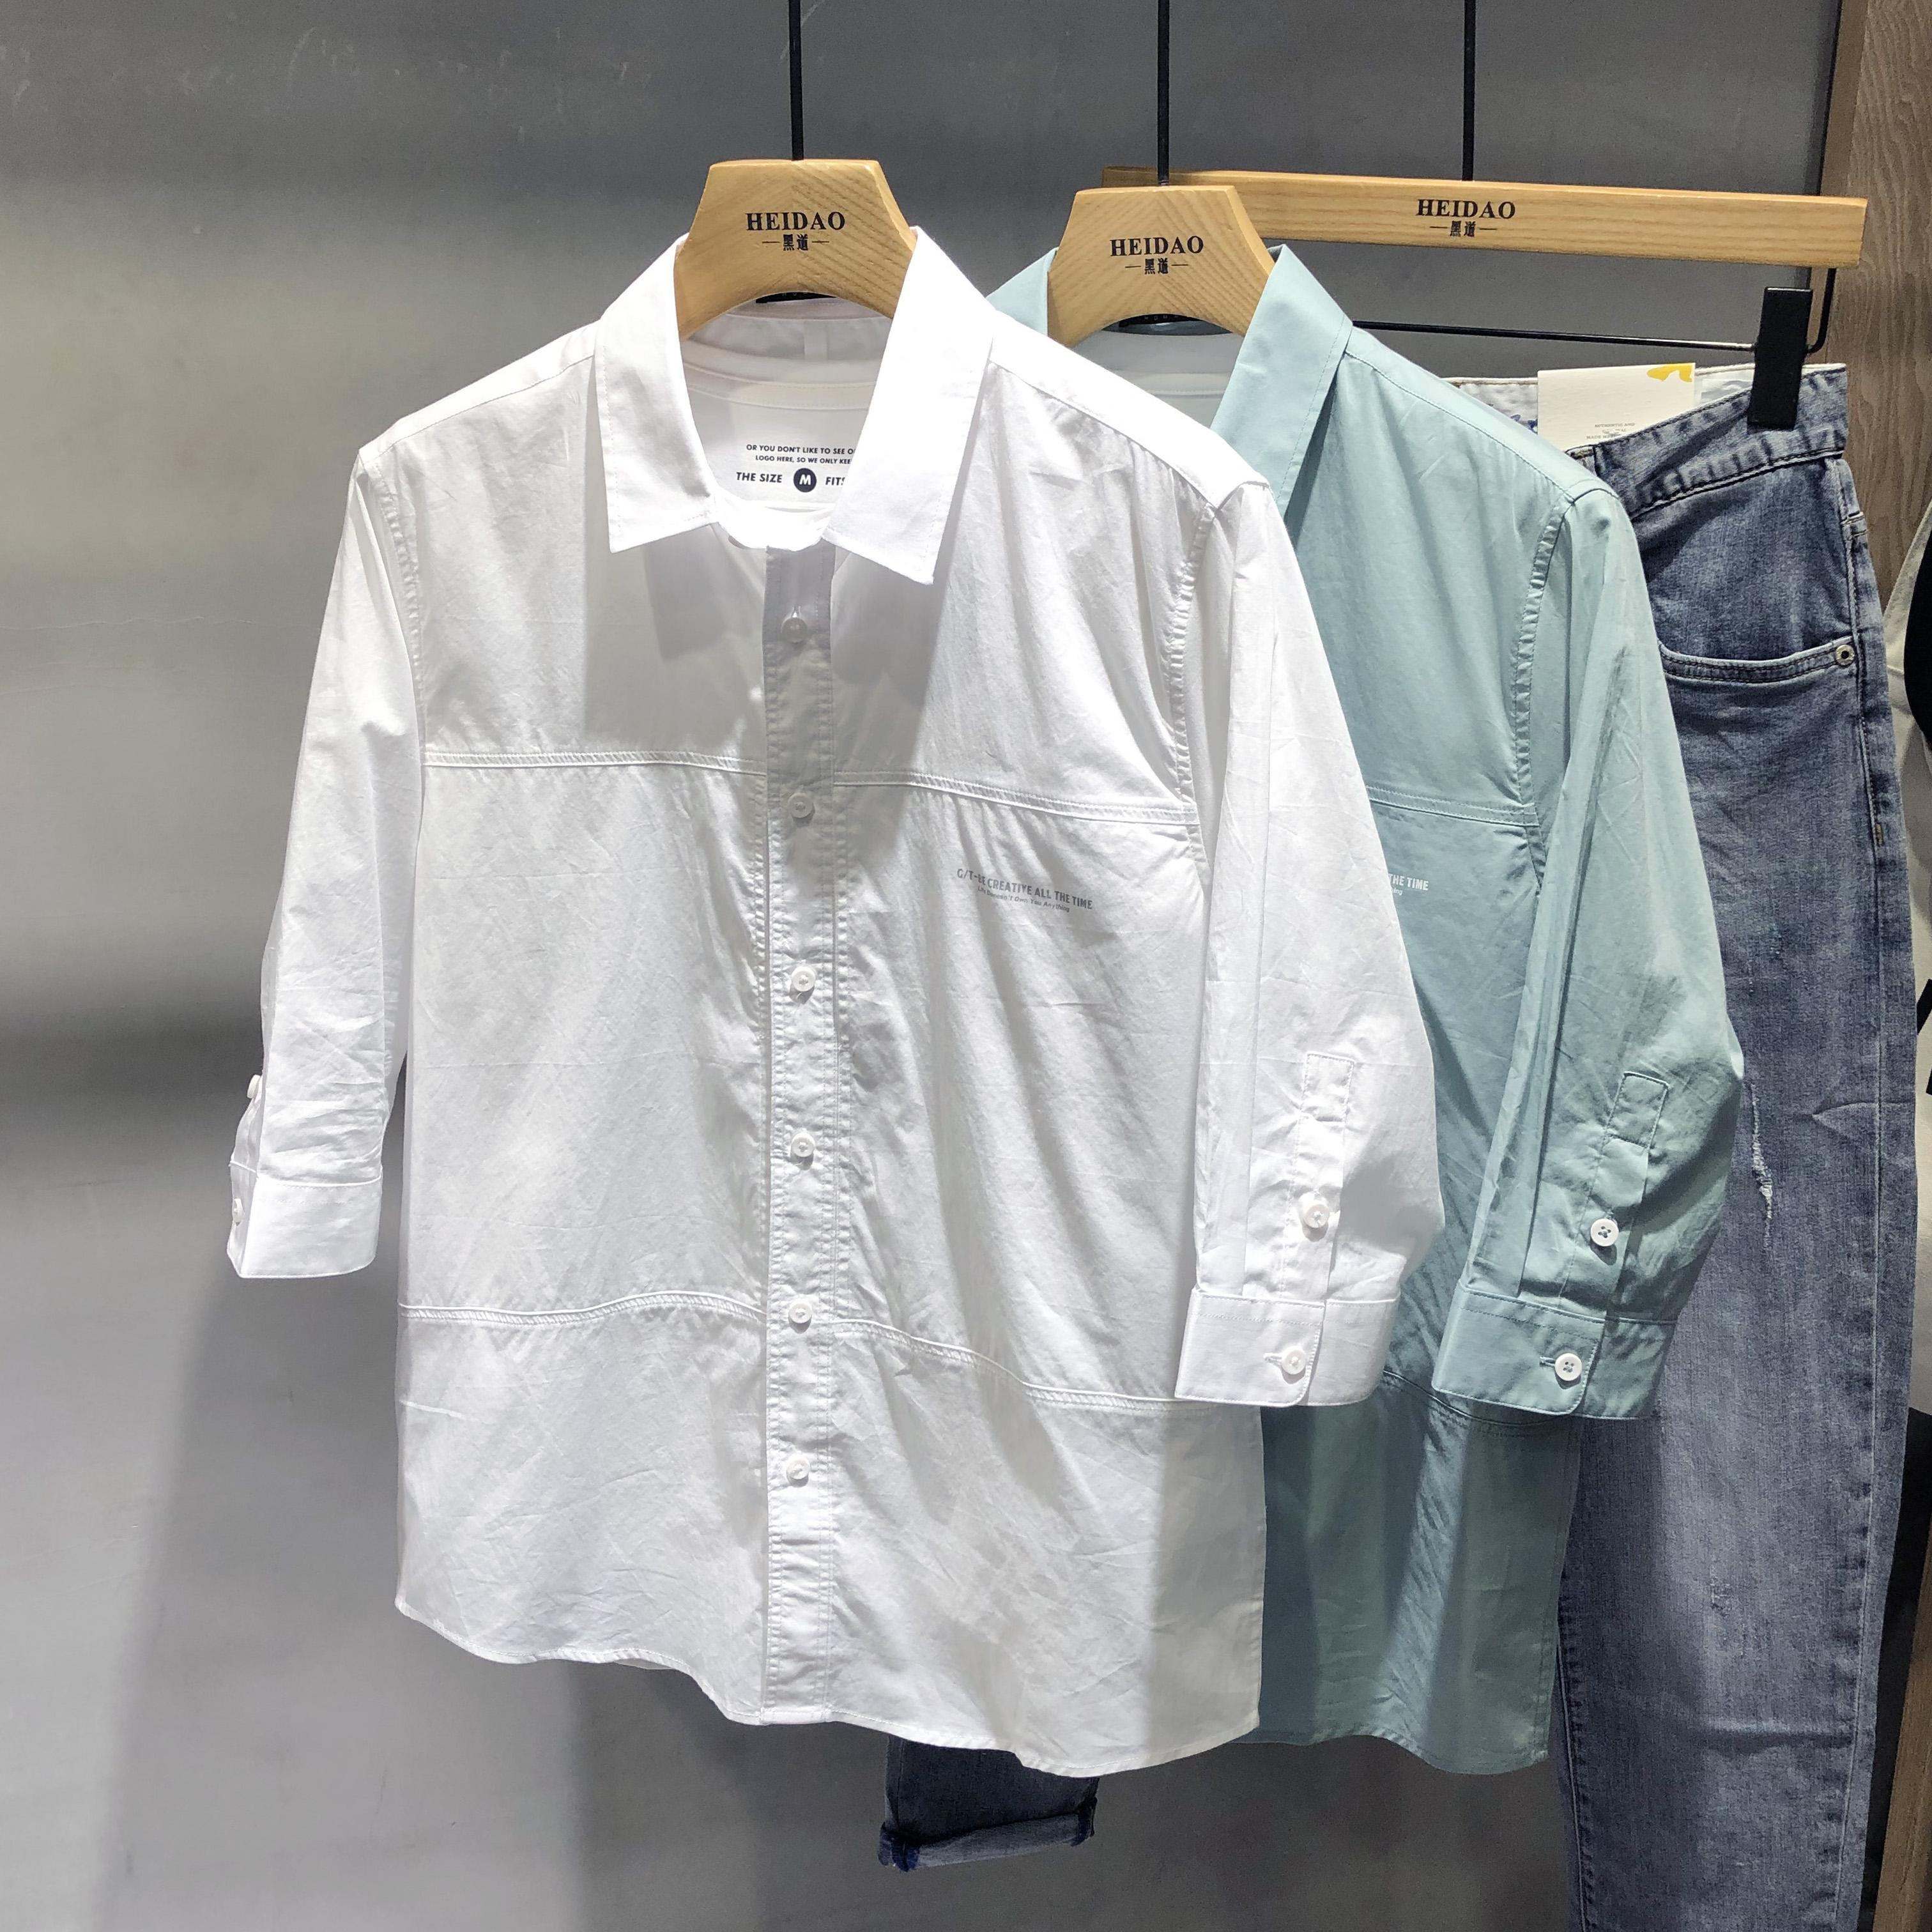 Áo sơ mi tay ngắn màu tinh khiết nam phong cách Hàn Quốc hợp thời trang đẹp trai áo sơ mi tay giữa Nhật Bản áo sơ mi nam tay áo ba lỗ cotton - Áo